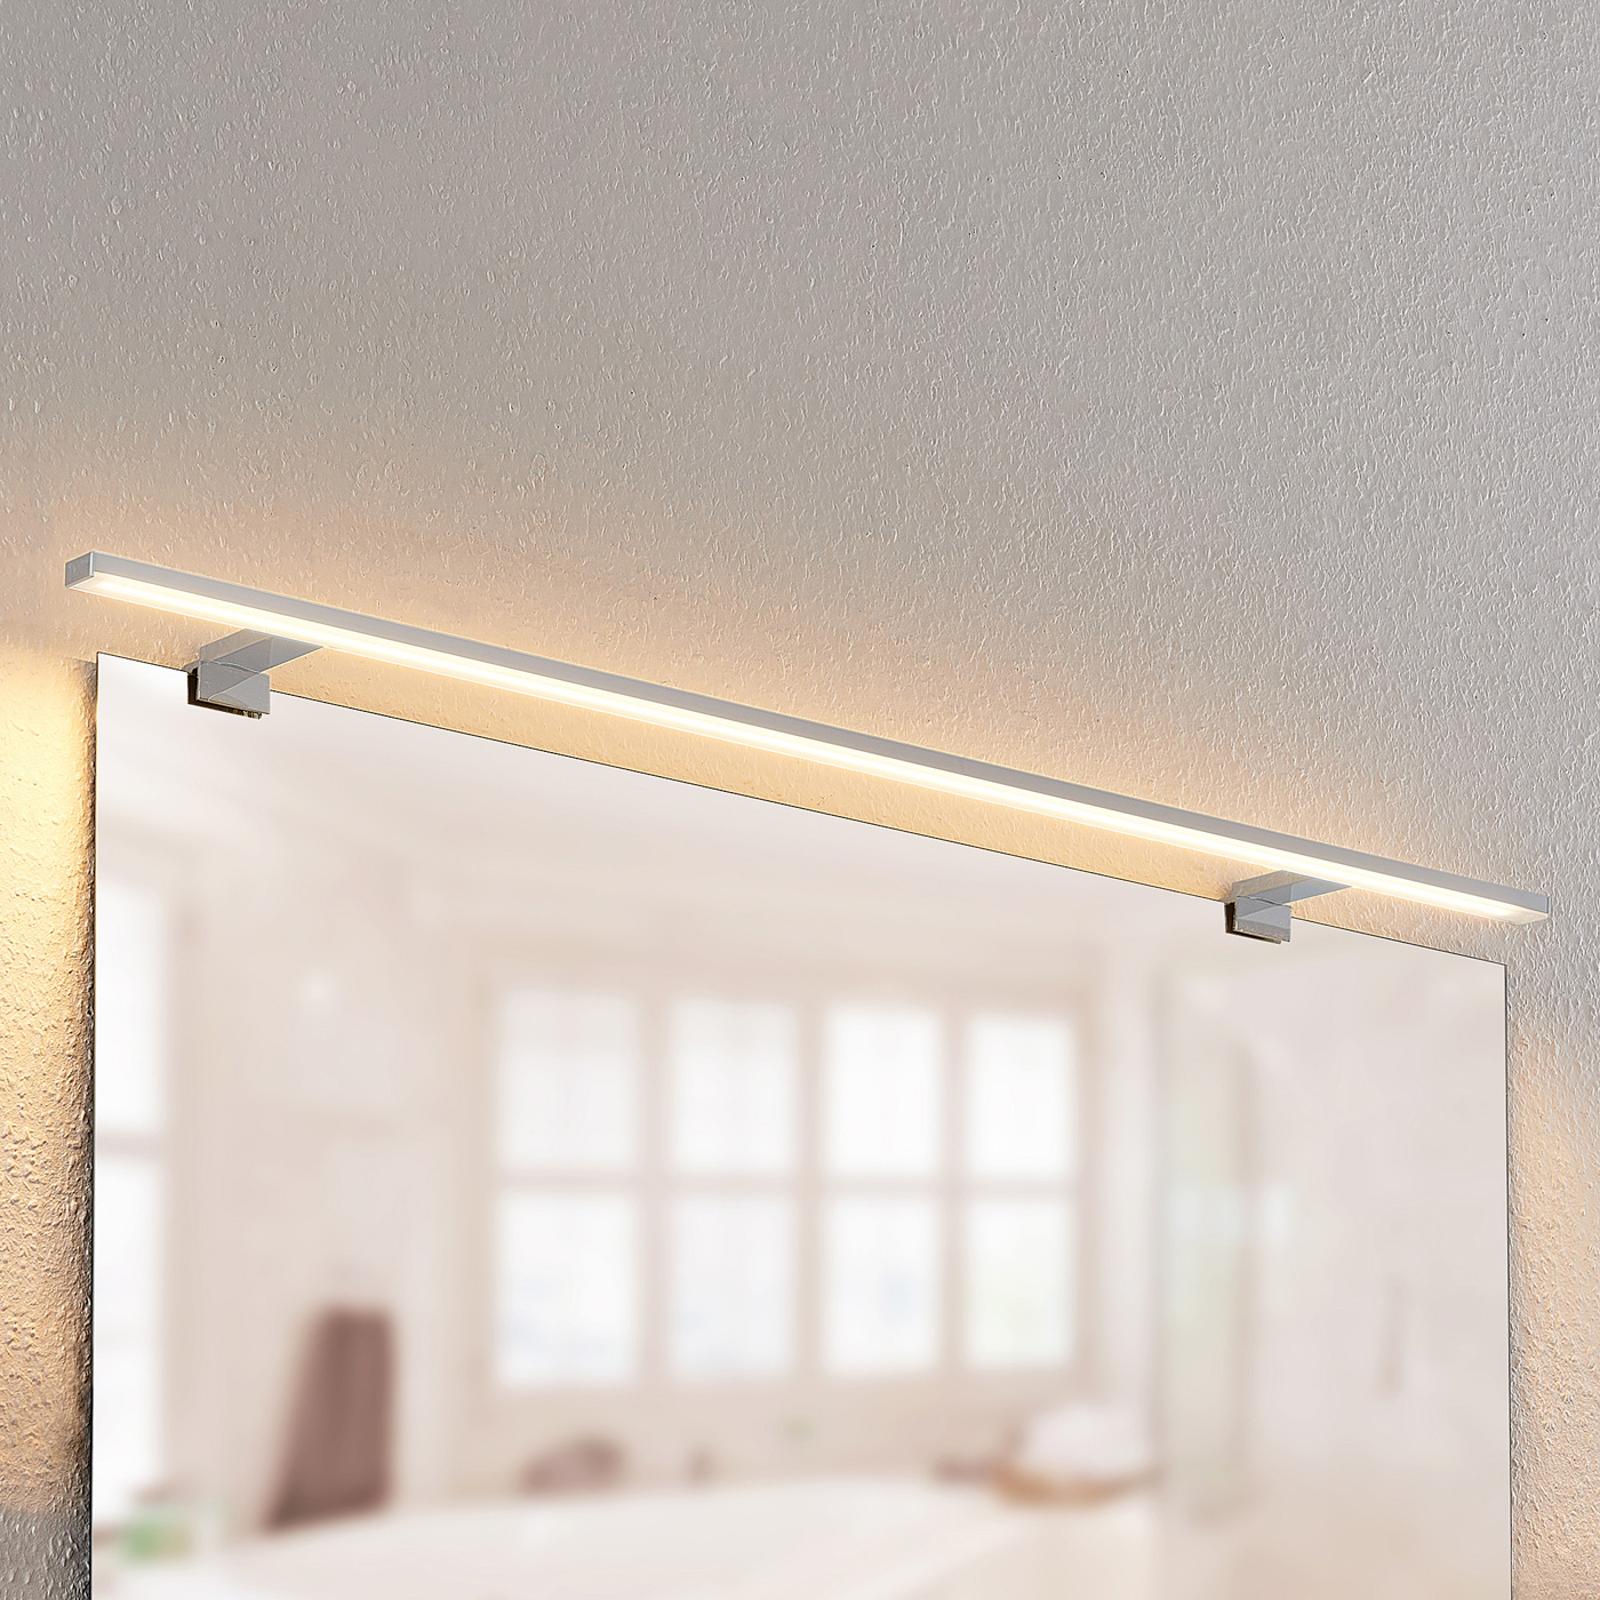 Lindby Lusano LED-Bad-Wandleuchte aus Aluminium